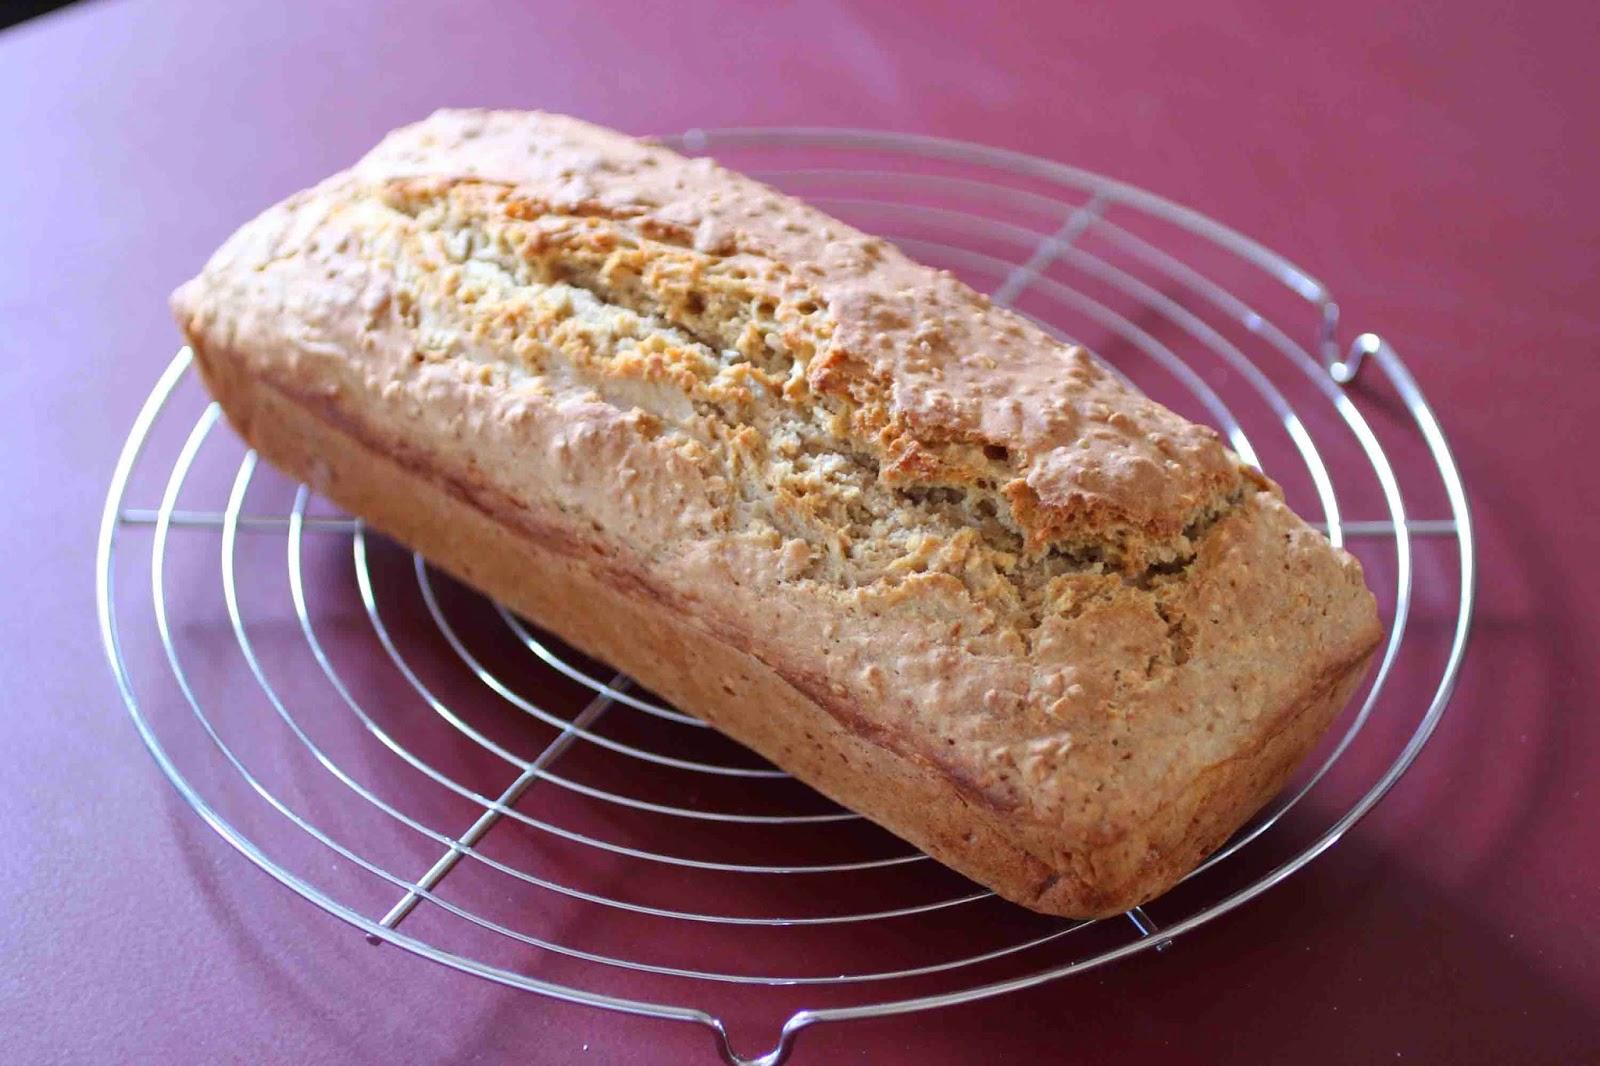 http://camilleenchocolat.blogspot.fr/2015/04/irish-soda-bread.html